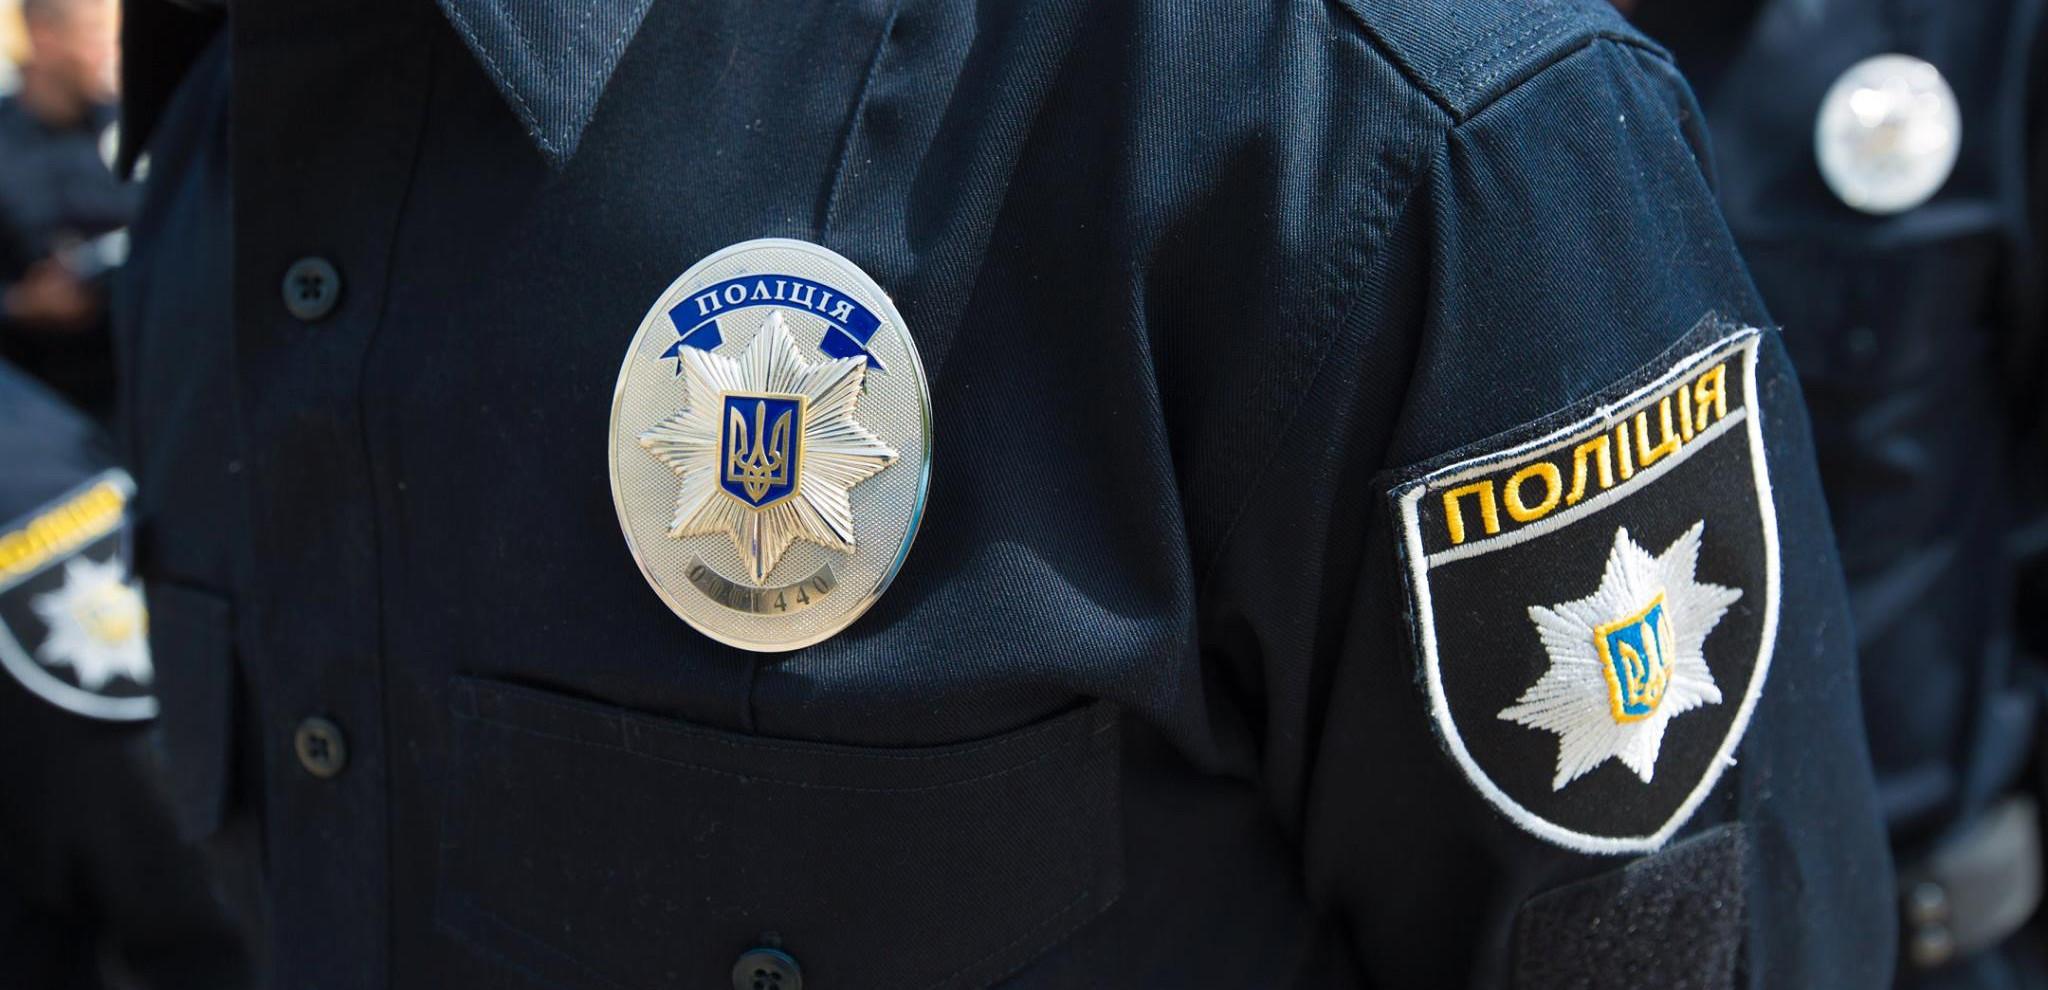 У Запорізькій області знайшли труп, який повністю розклався (фото 18+)